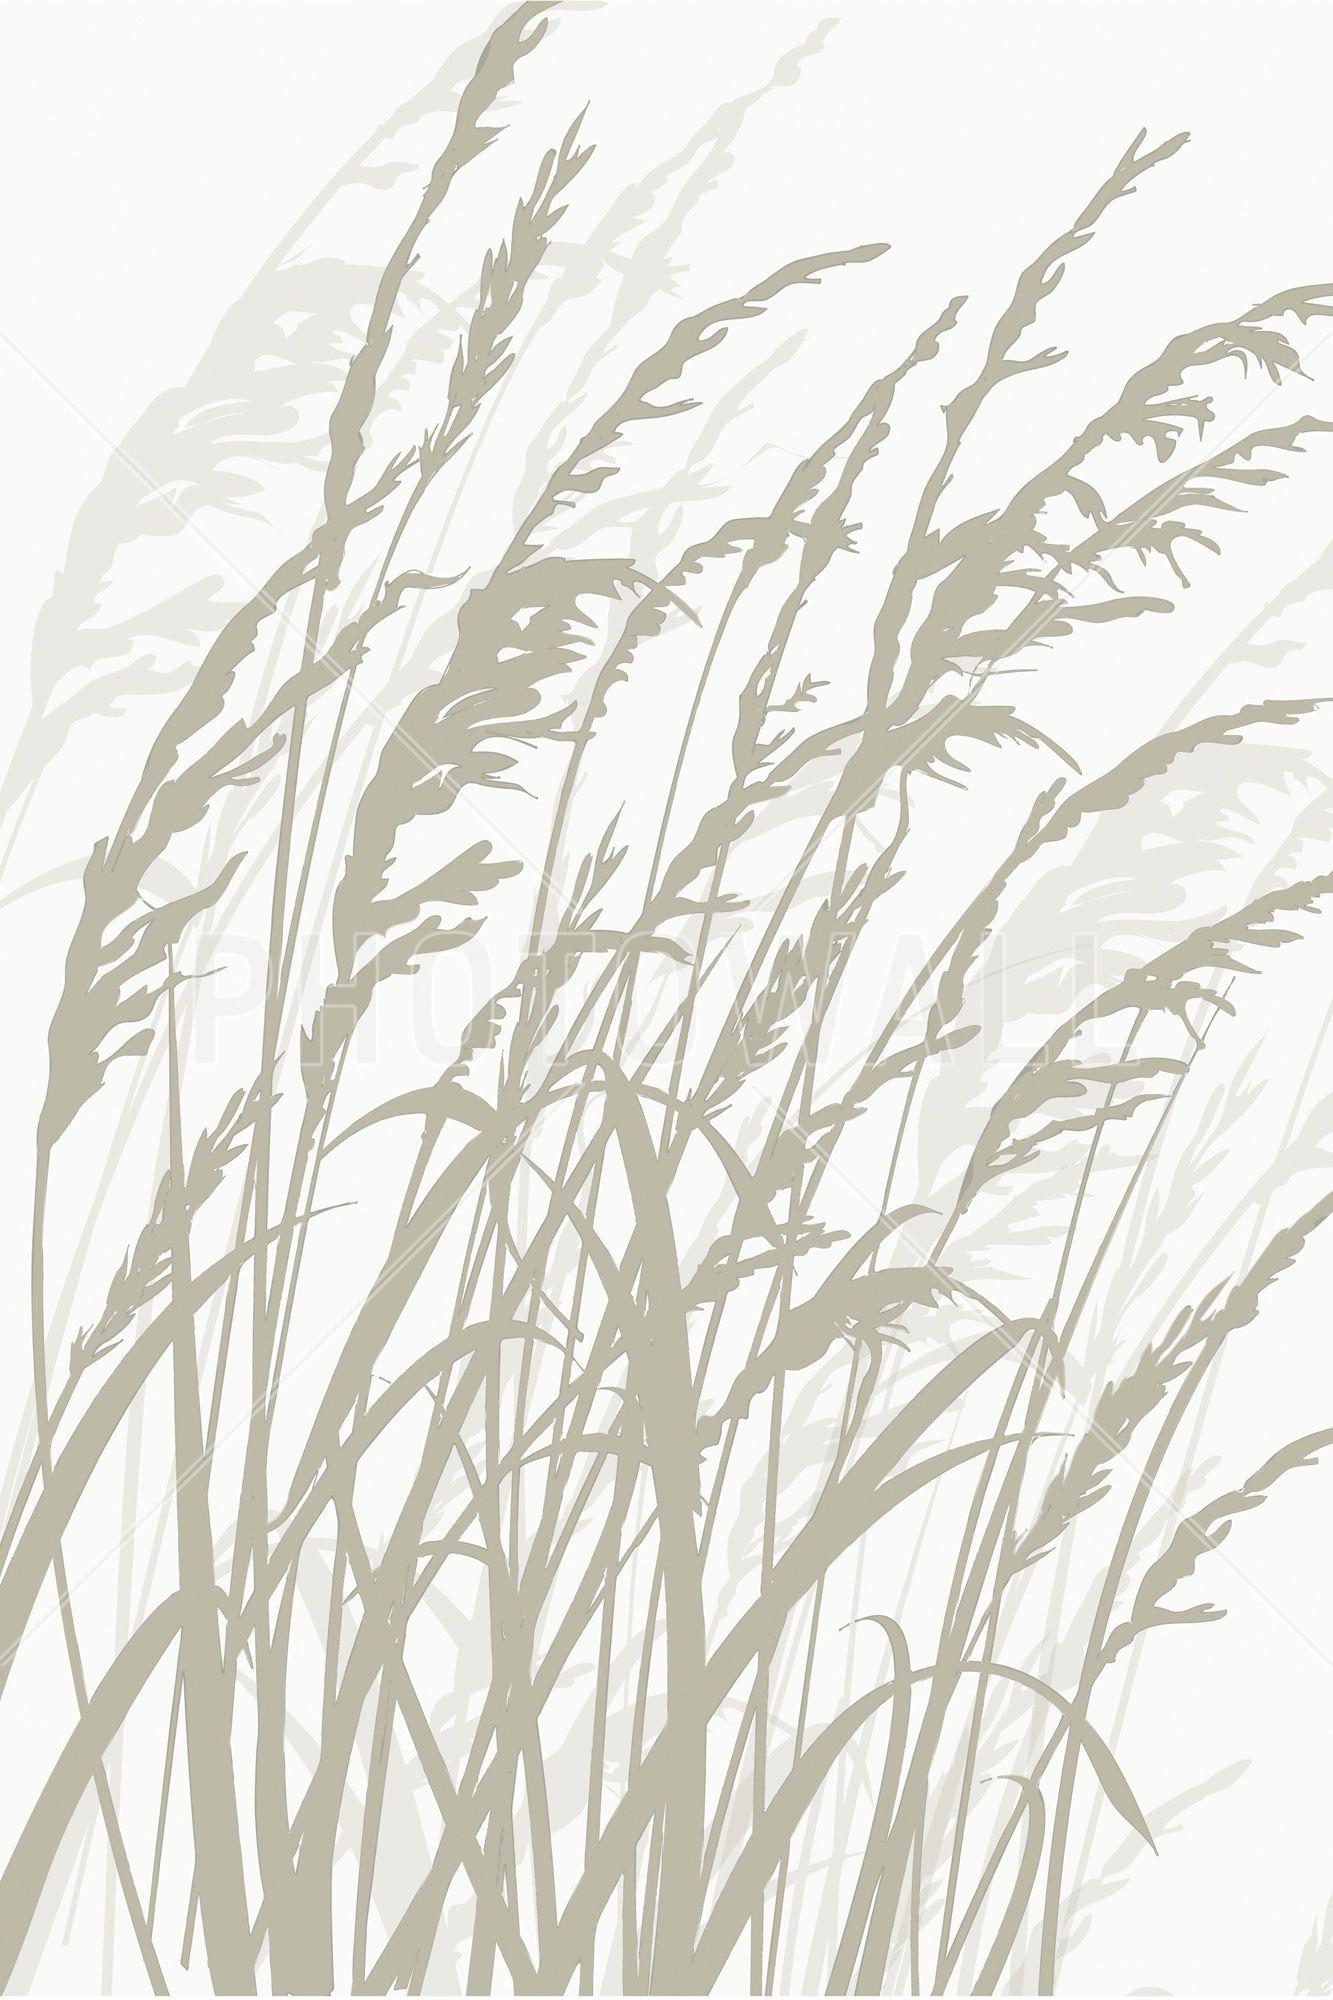 Grass White Fototapeter & Tapeter Photowall